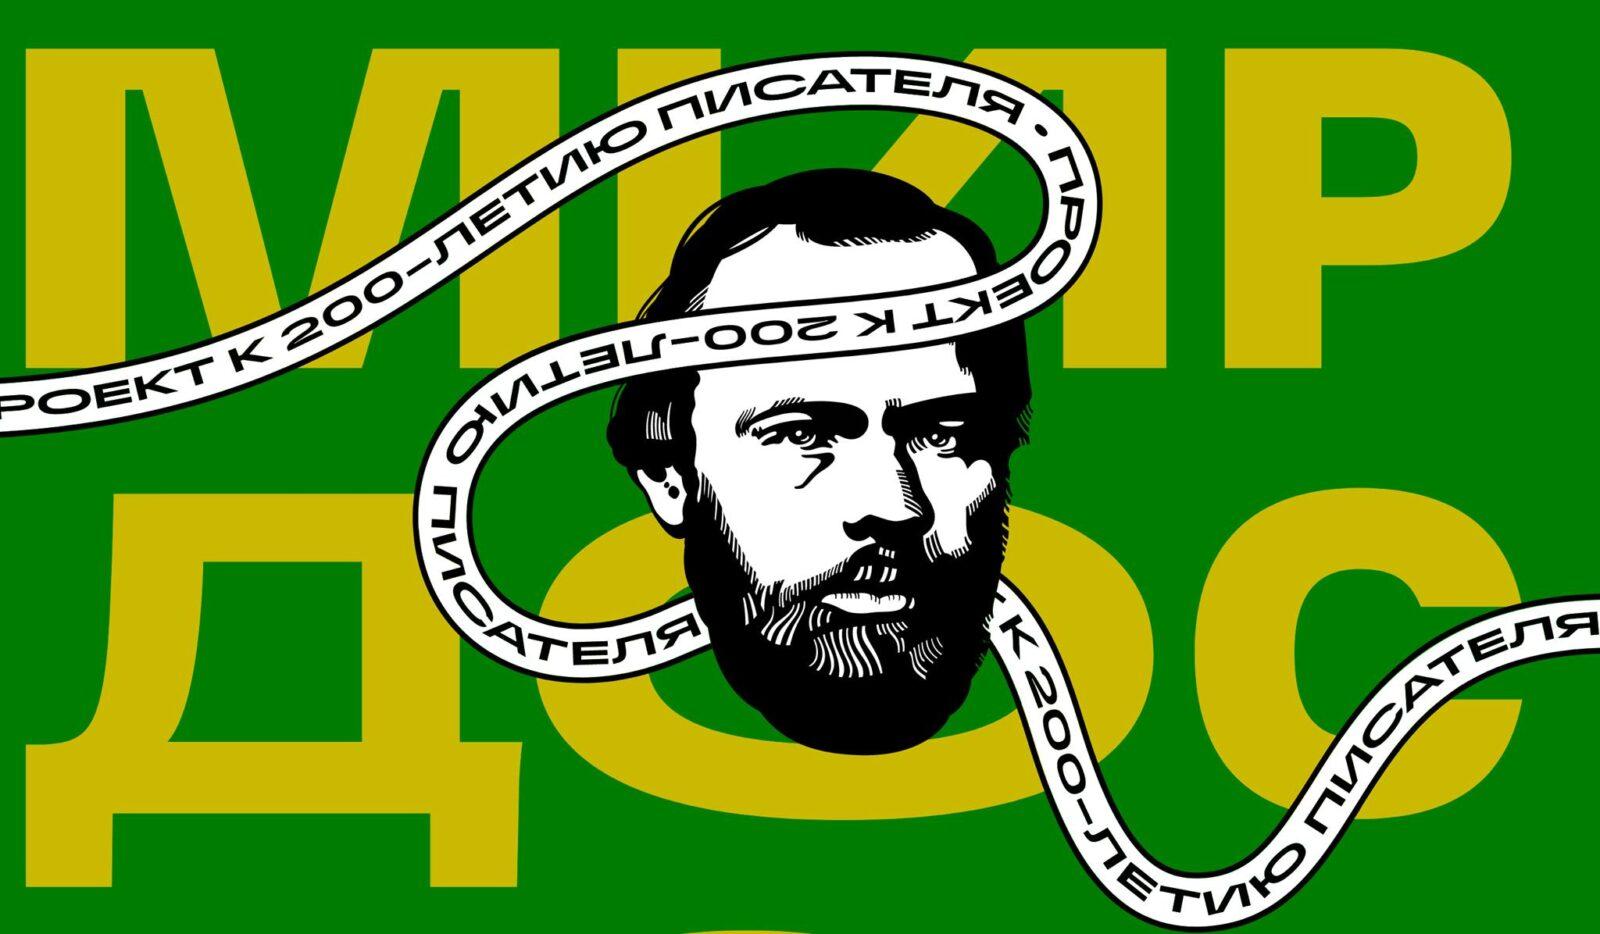 К юбилею Федора Достоевского был запущен интерактивный портал